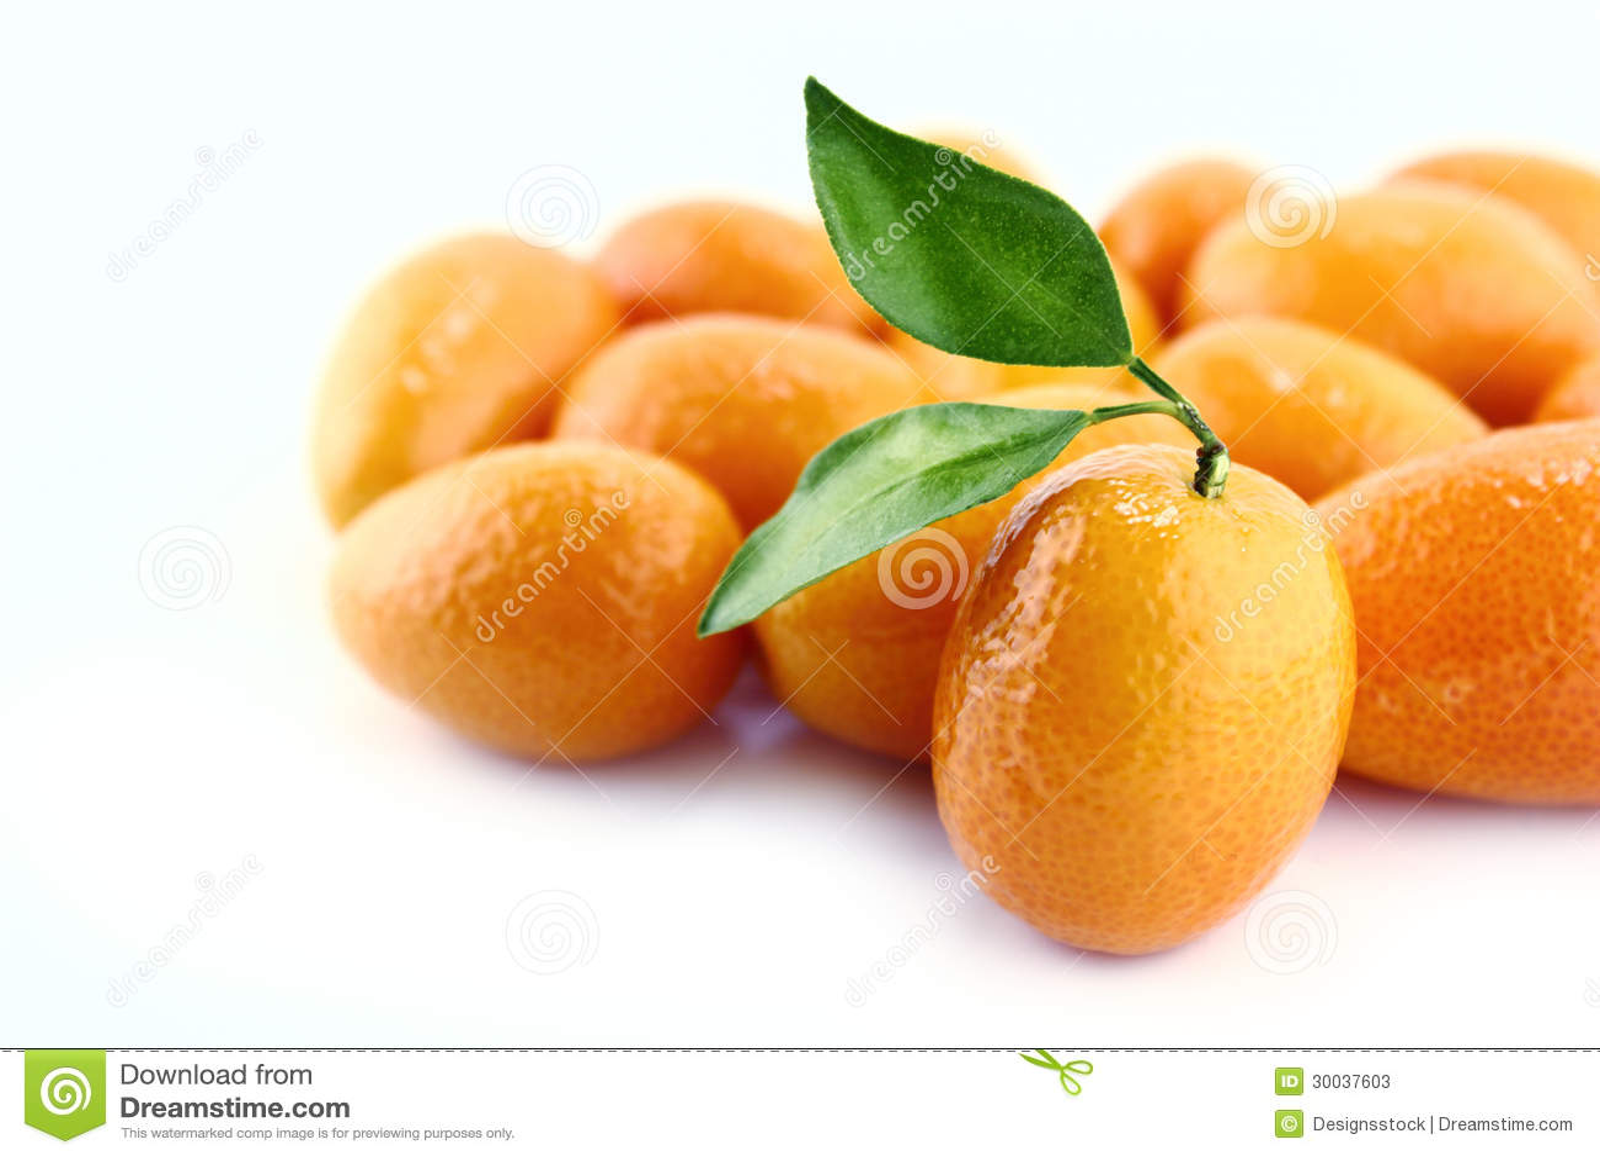 petit fruit orange image stock image du ingr dient nourriture 30037603. Black Bedroom Furniture Sets. Home Design Ideas